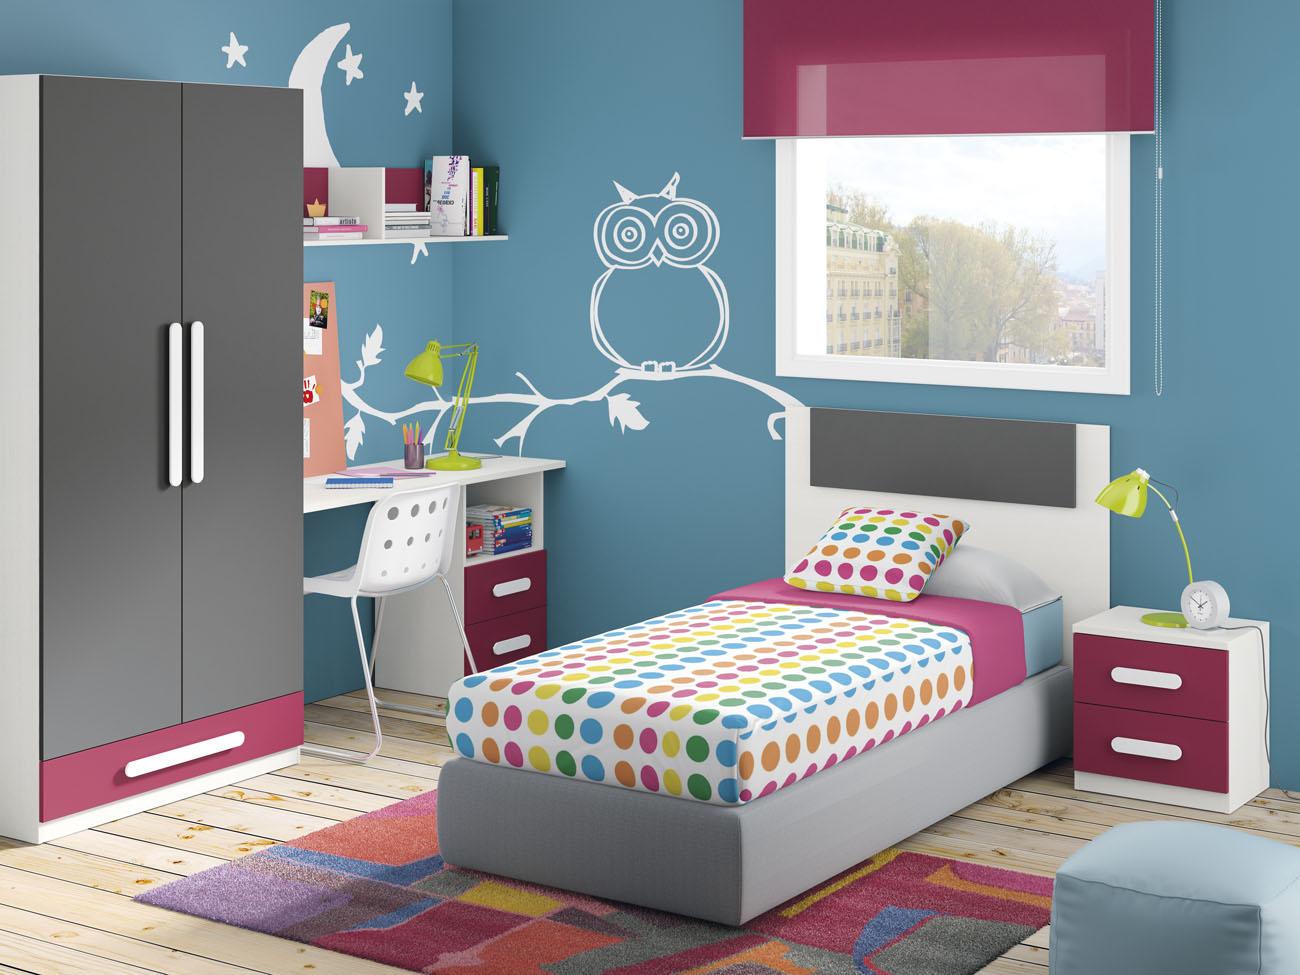 Muebles paco caballero ofertas del mueble for Dormitorios completos